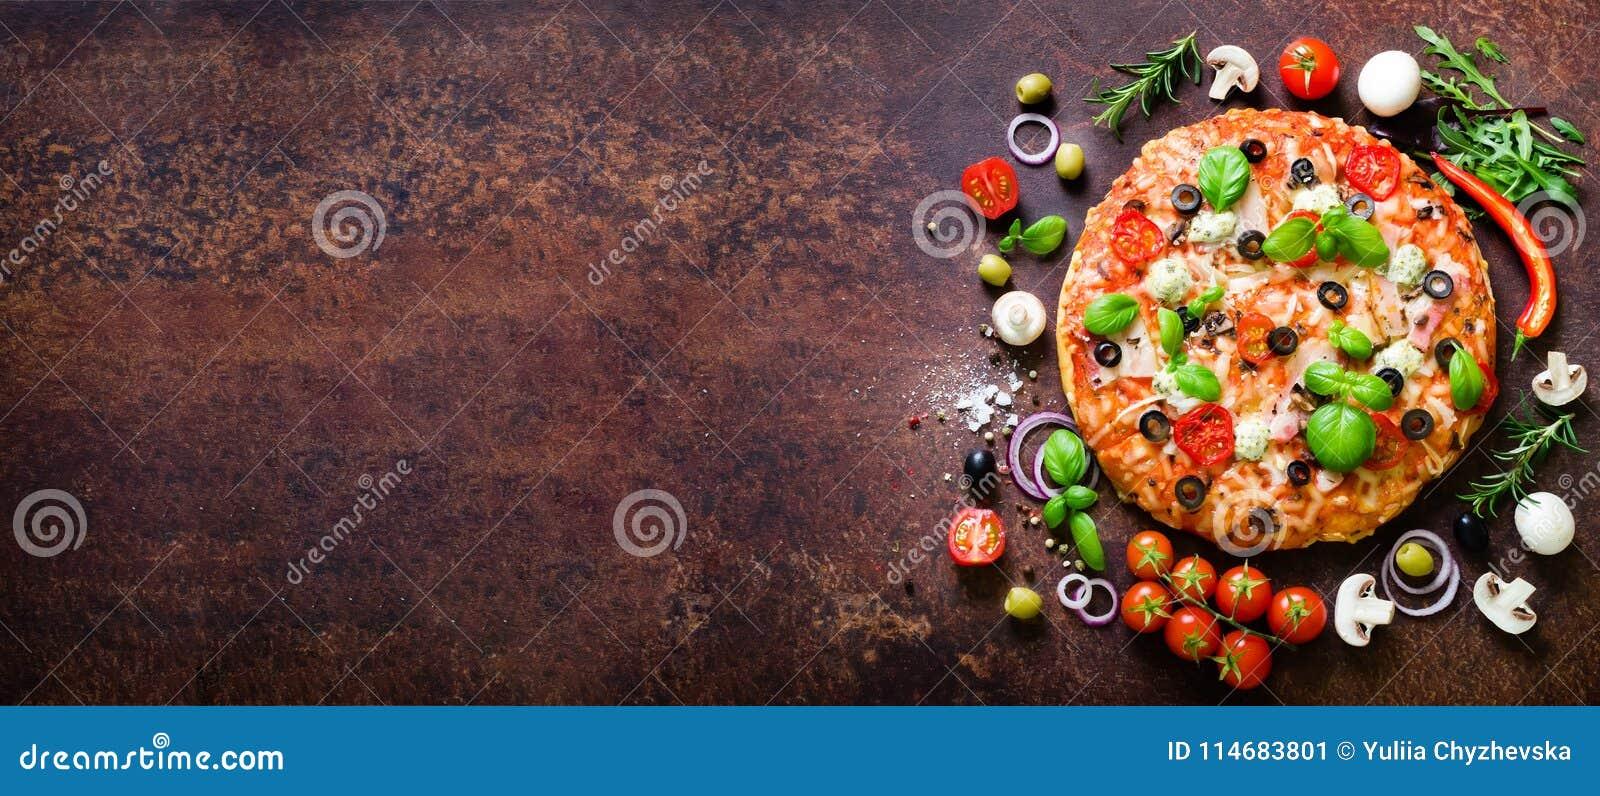 Matingredienser och kryddor för att laga mat läcker italiensk pizza Champinjoner tomater, ost, lök, olja, peppar som är salt